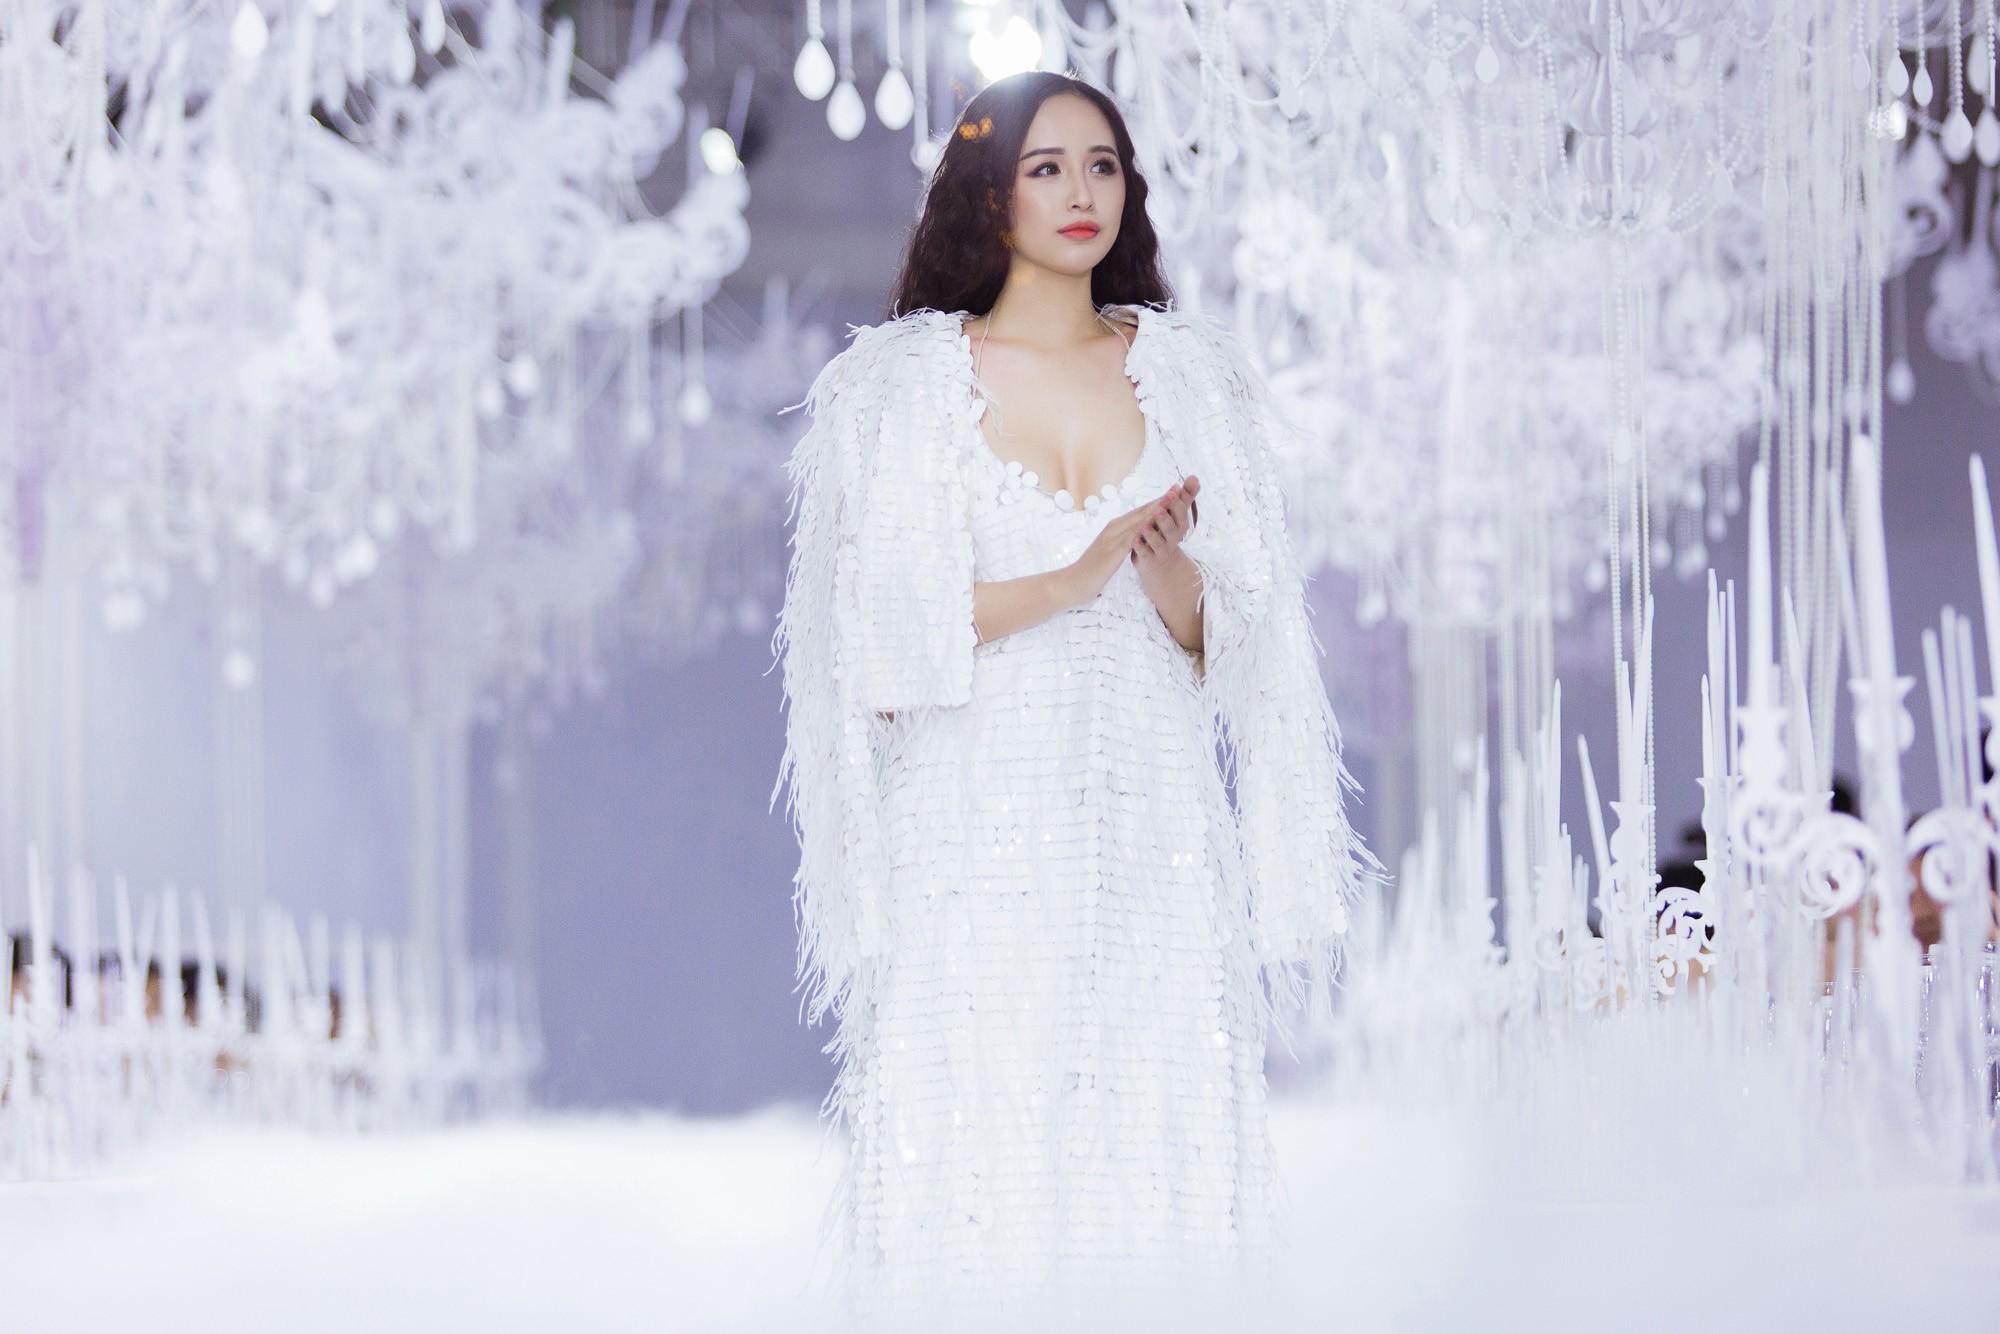 Hình ảnh Hồ Ngọc Hà bị chê phản cảm khi diện váy xuyên thấu lộ nội y quá bạo trong show của Lý Quí Khánh số 8